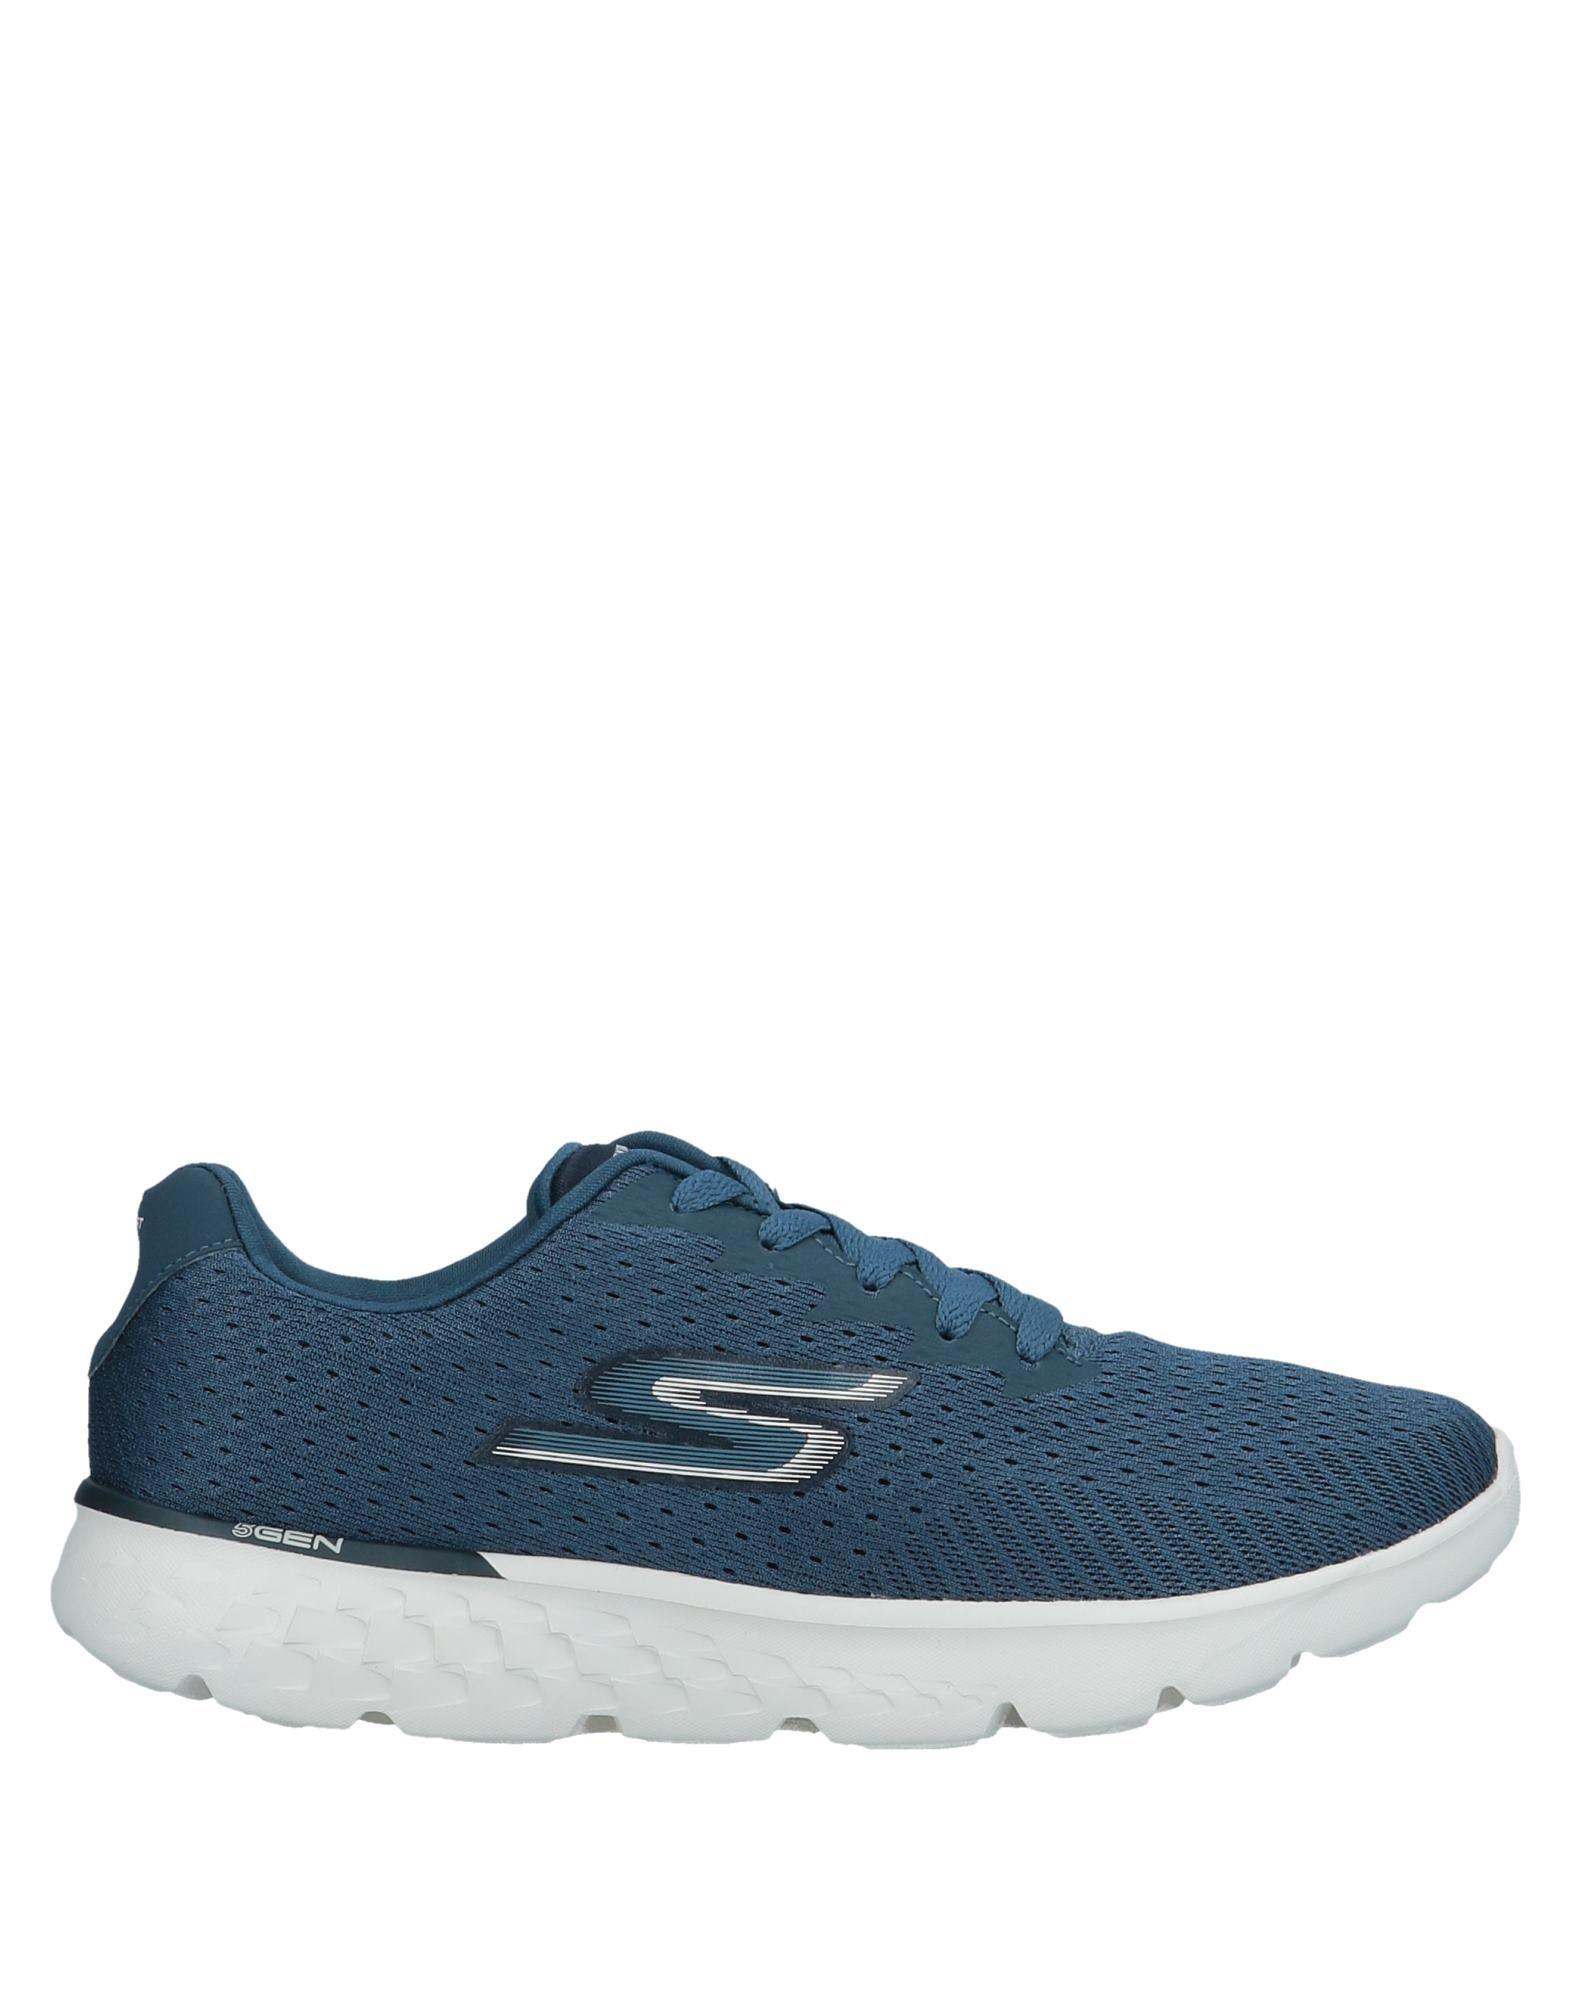 Skechers Sneakers - Women Skechers Sneakers Kingdom online on  United Kingdom Sneakers - 11554800BW 505d1e